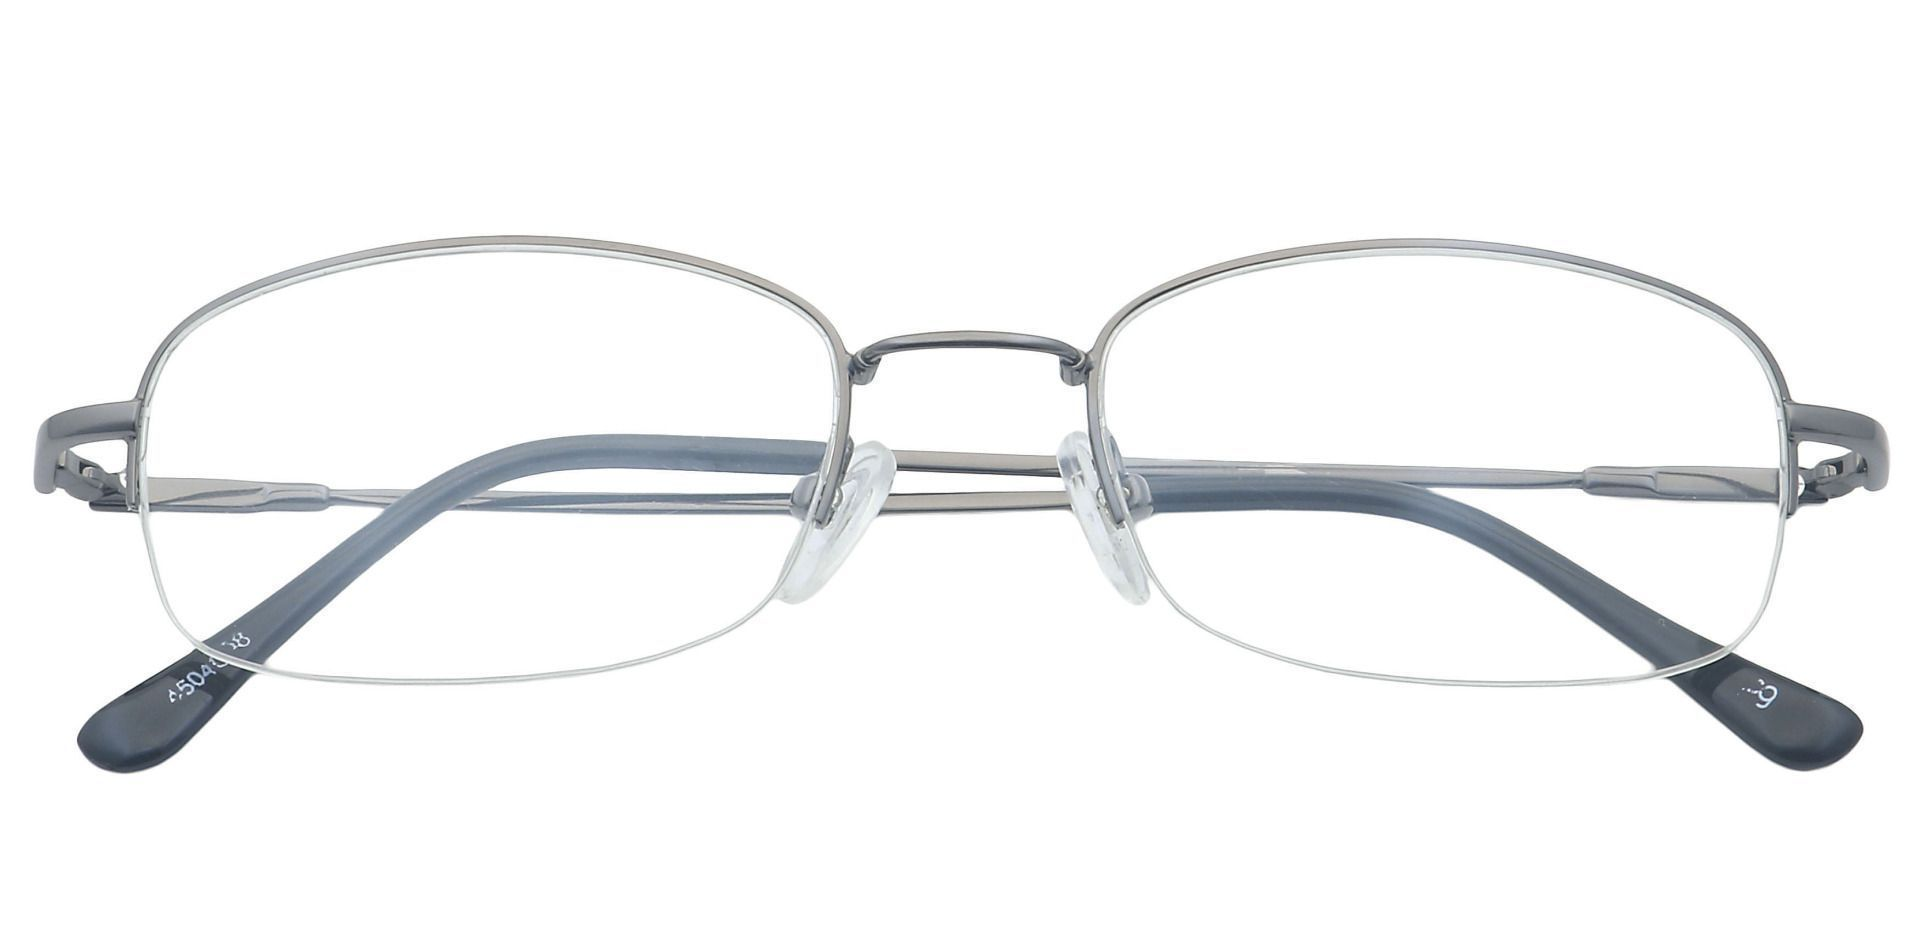 Juniper Oval Prescription Glasses - Gray